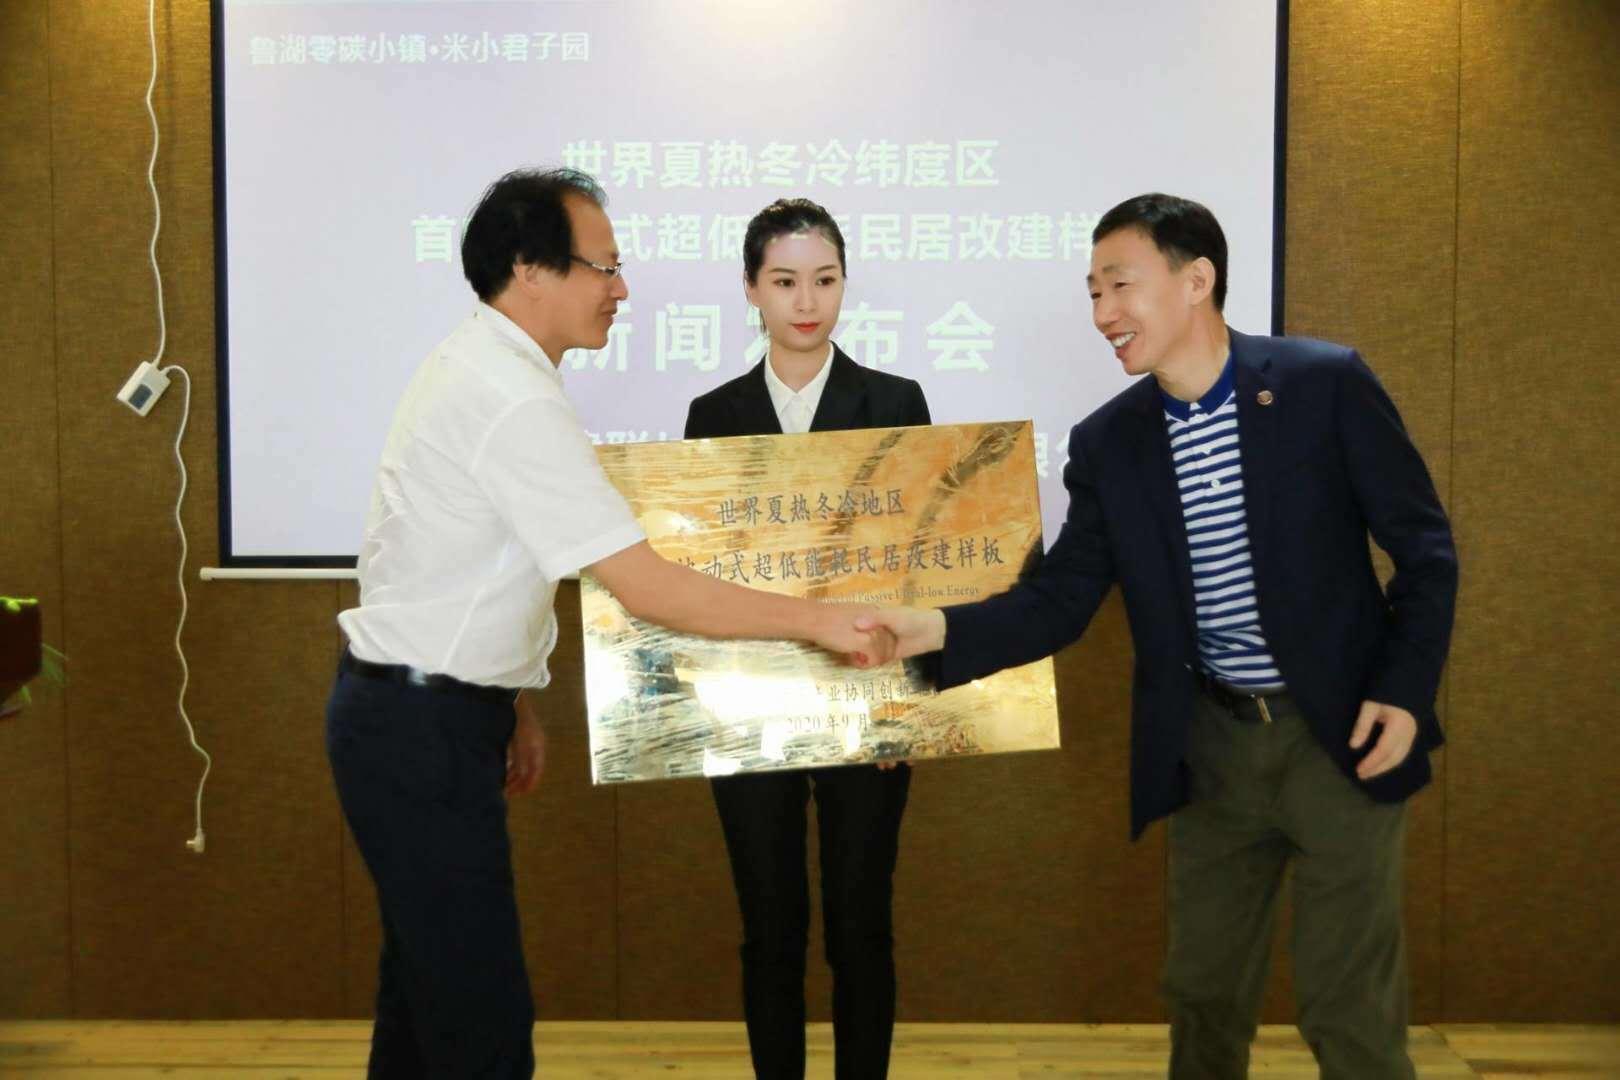 武汉旅游规划公司天创文旅:低碳小镇的规划与落地